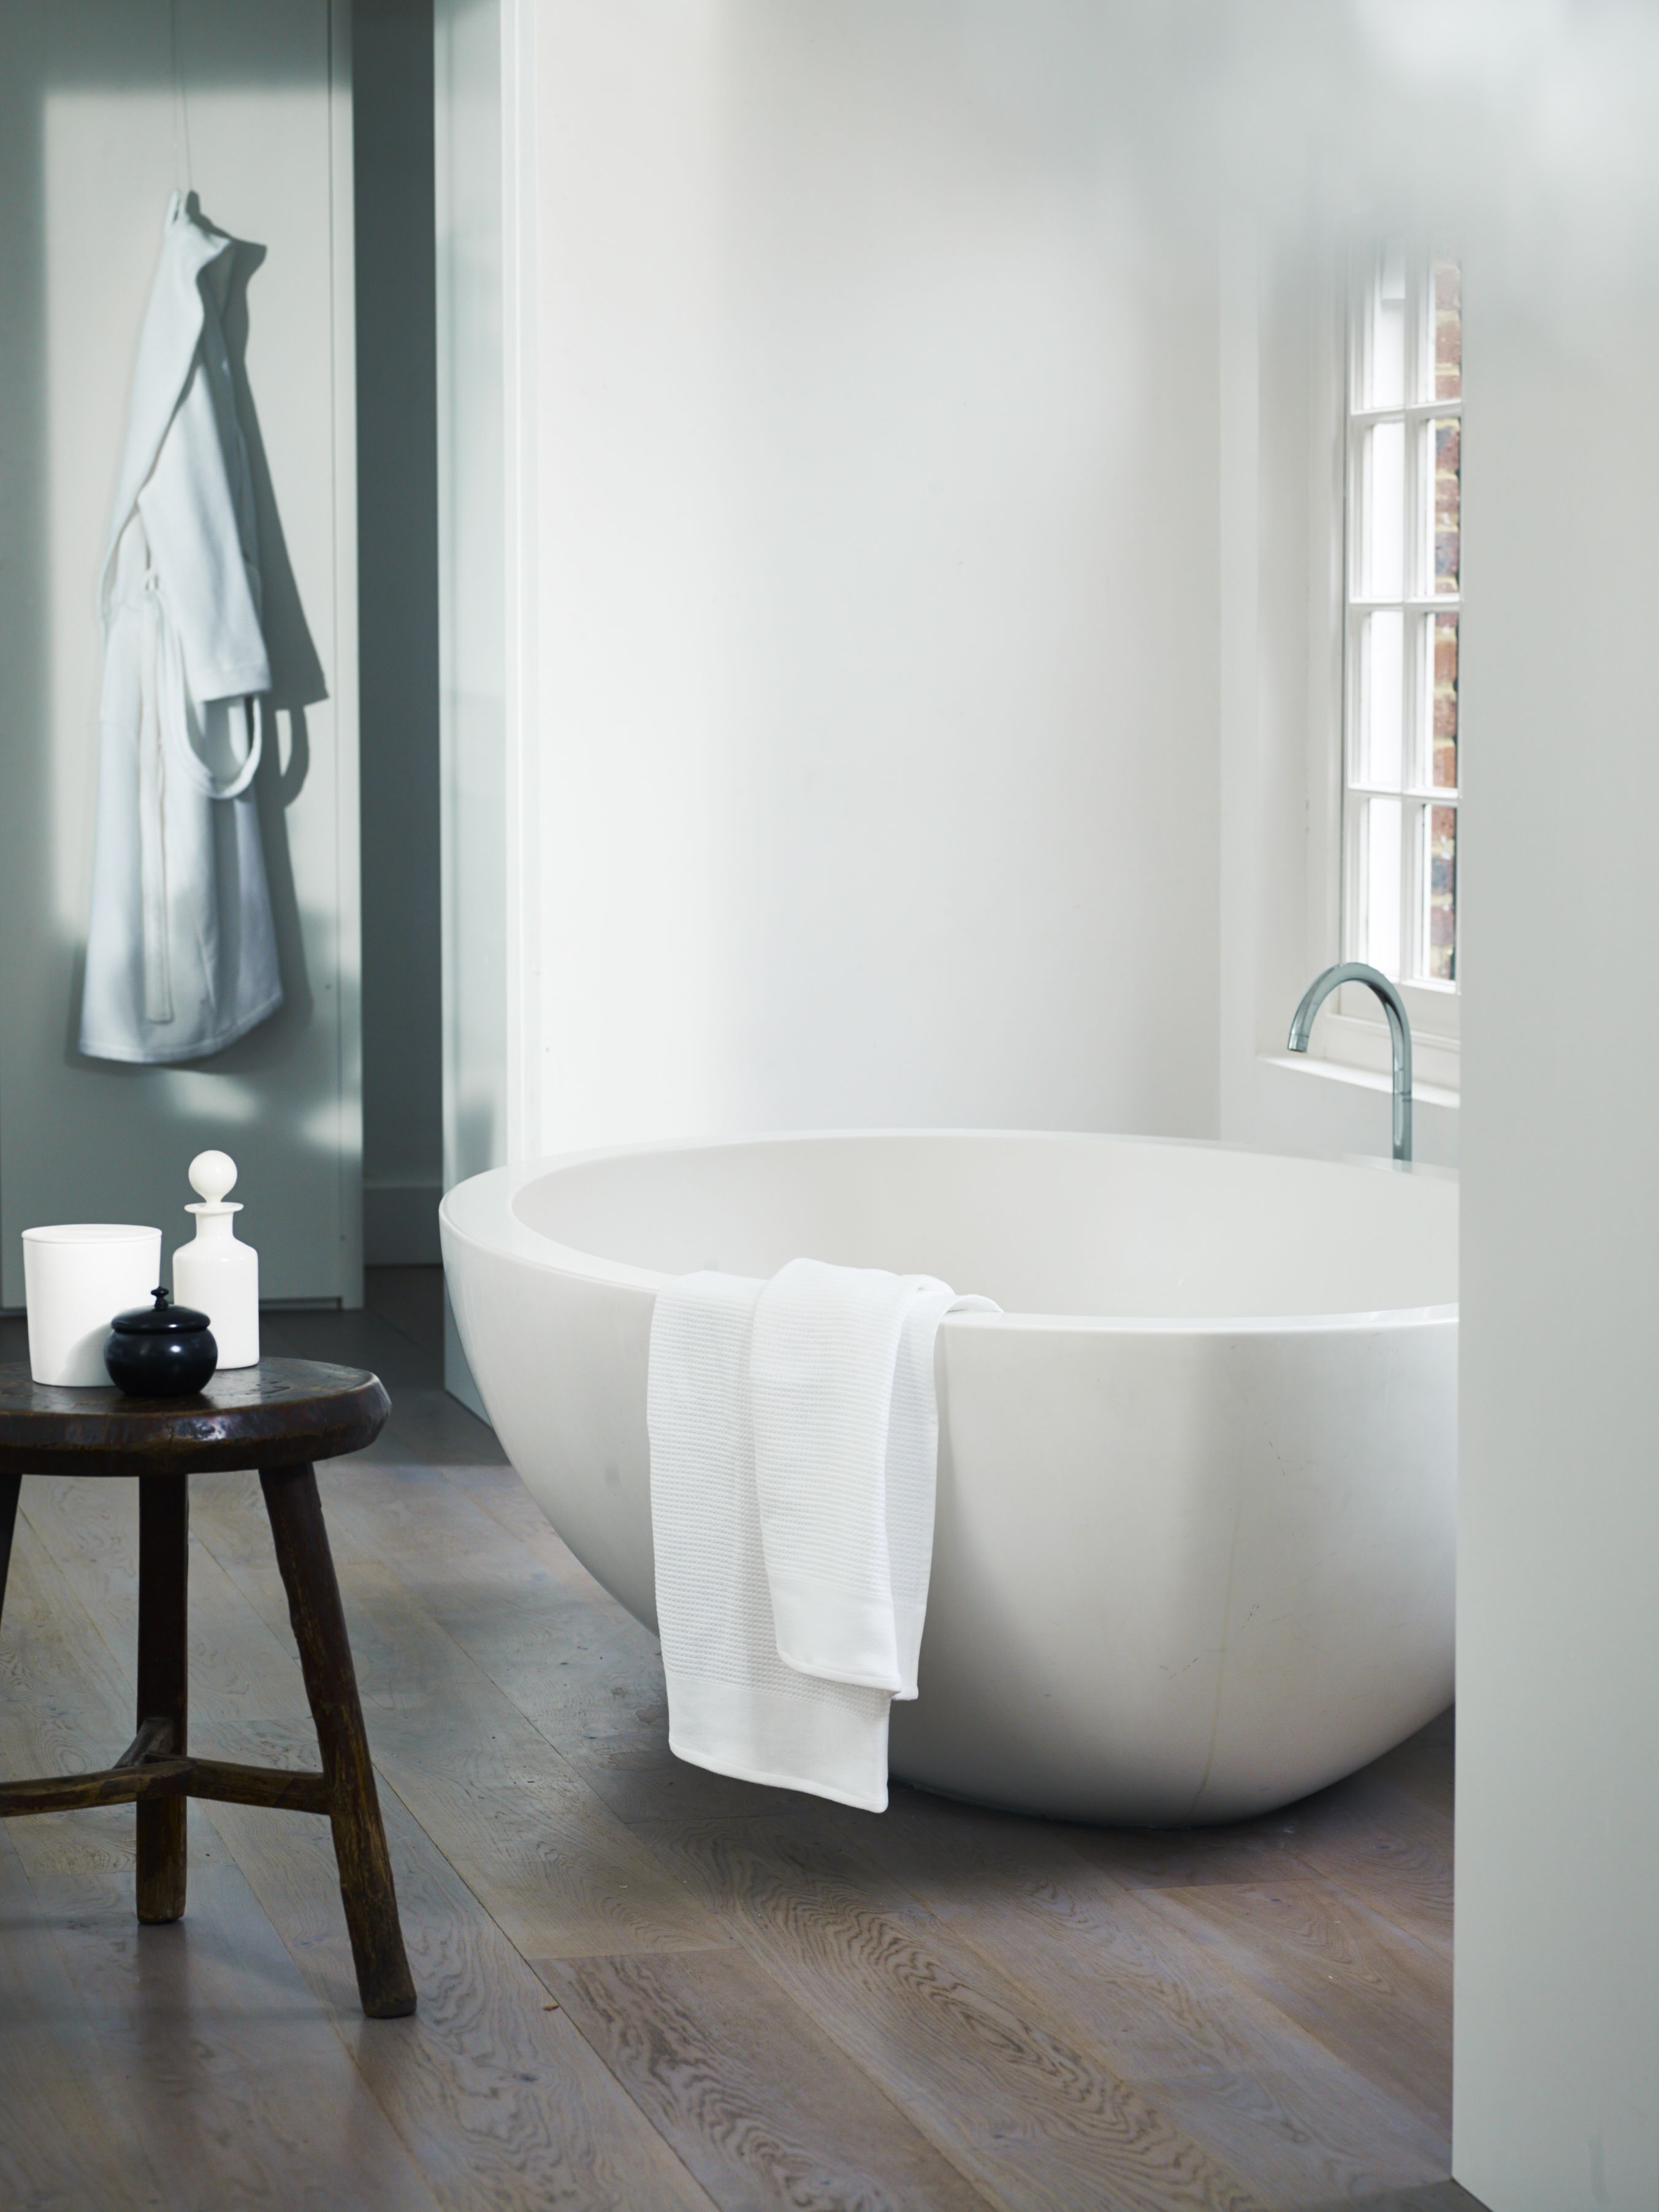 Bathroom | Restroom | Salle de Bain | お手洗い | Cuarto de Baño ...